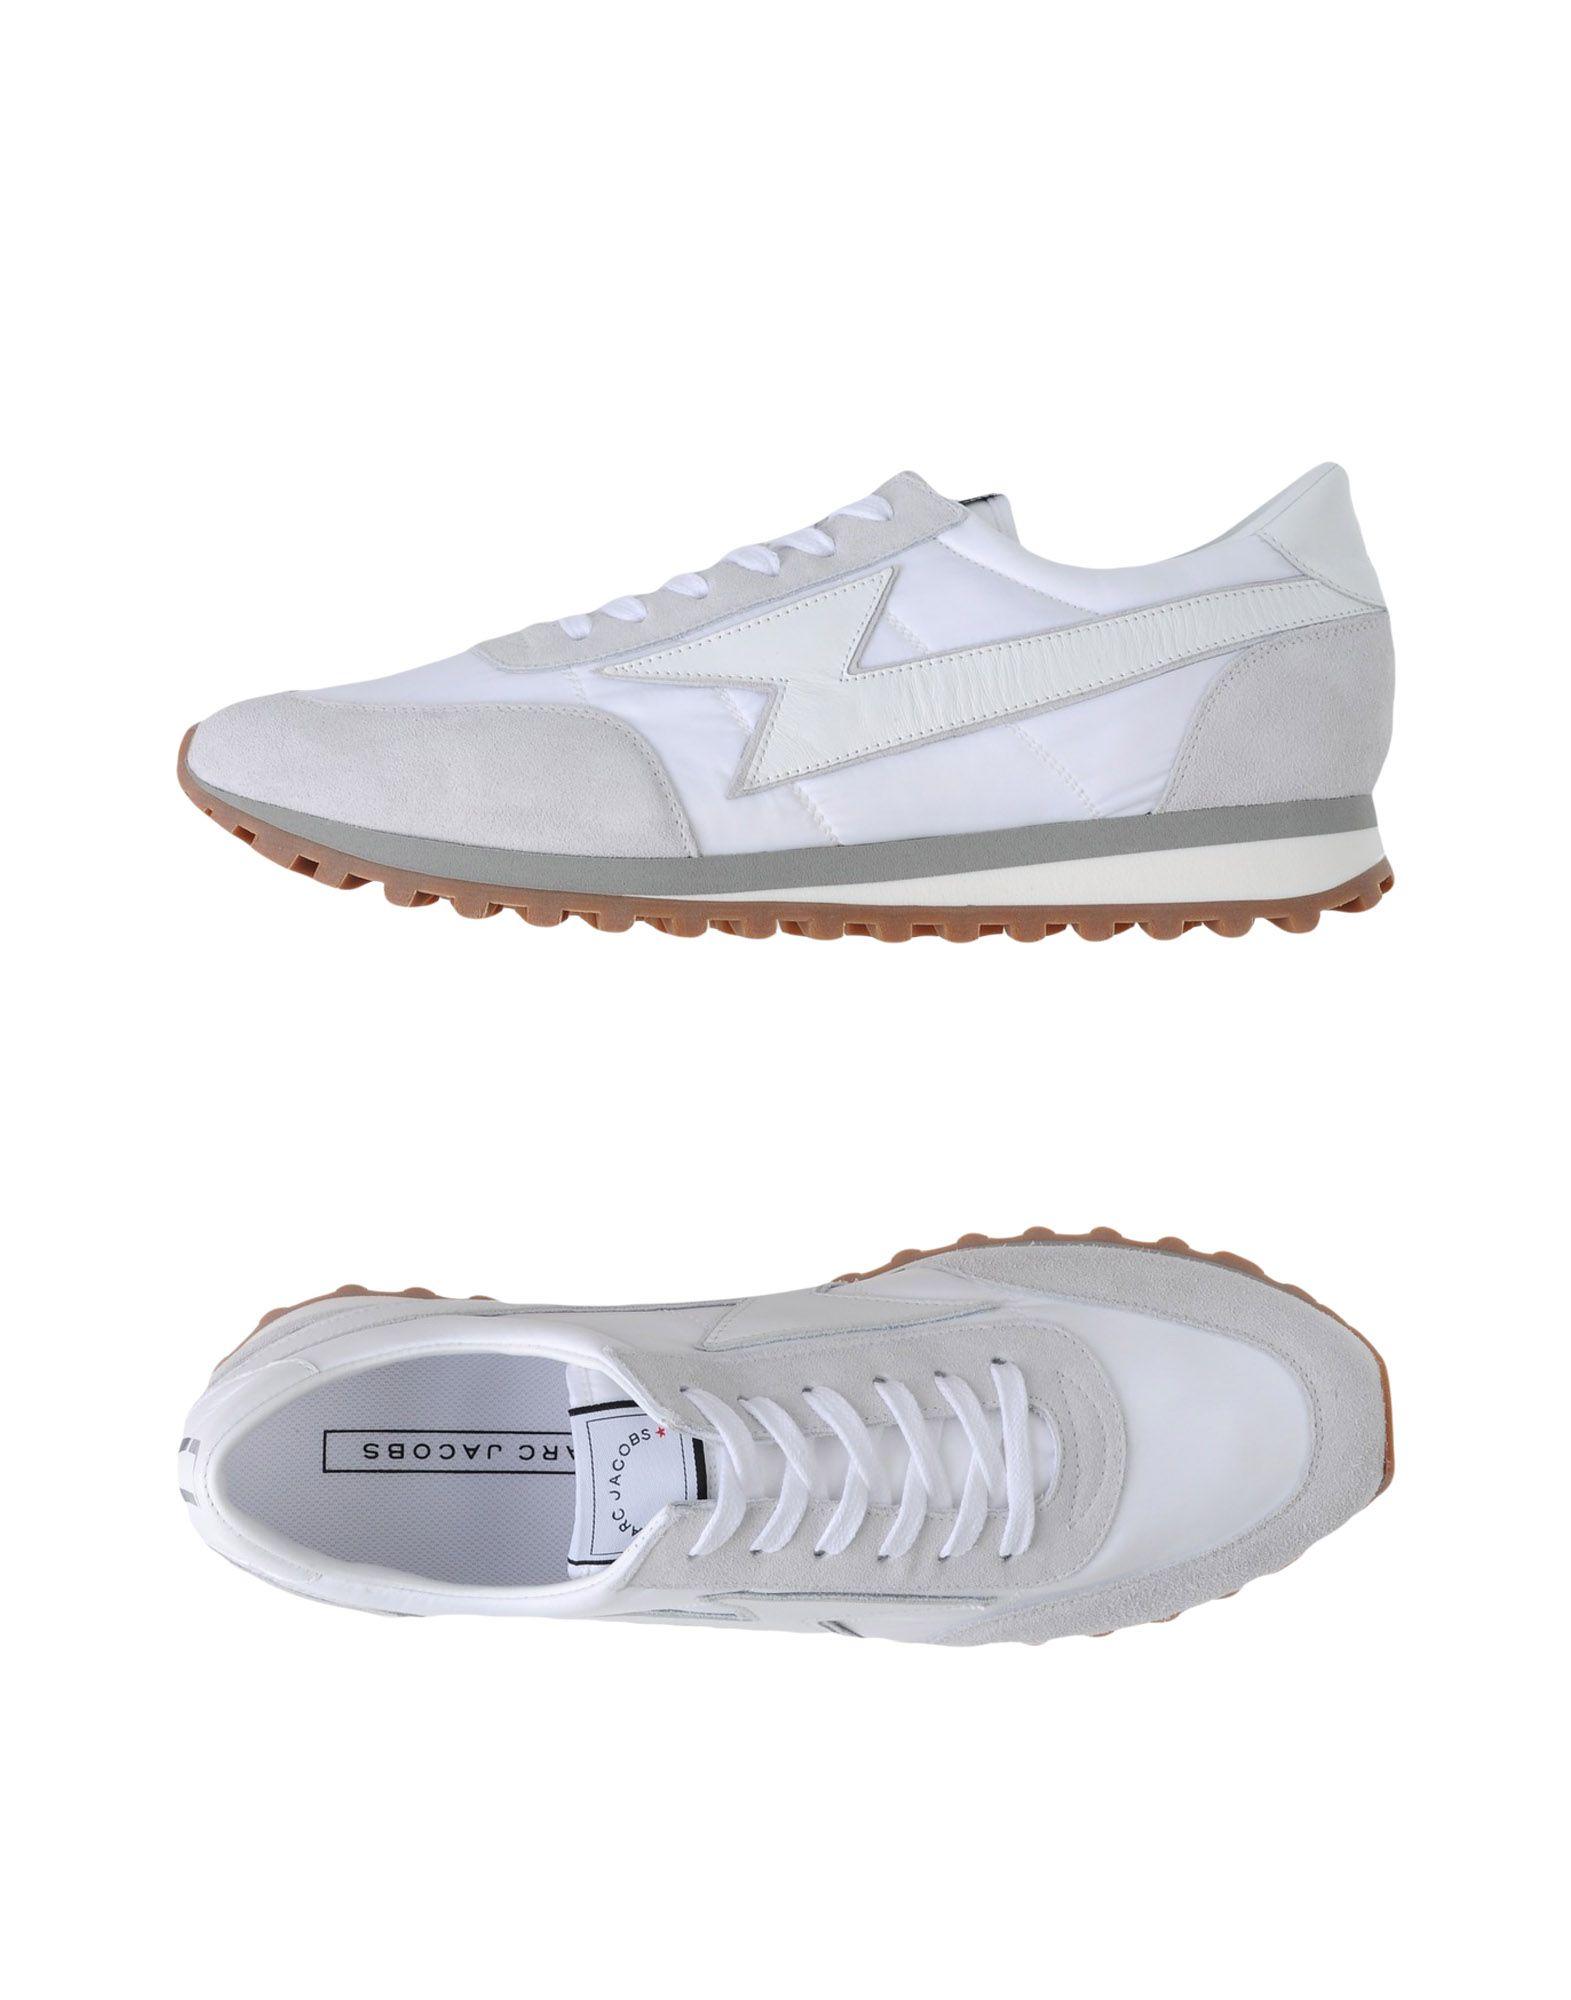 Marc Jacobs Sneakers Herren  11340349FM Neue Schuhe